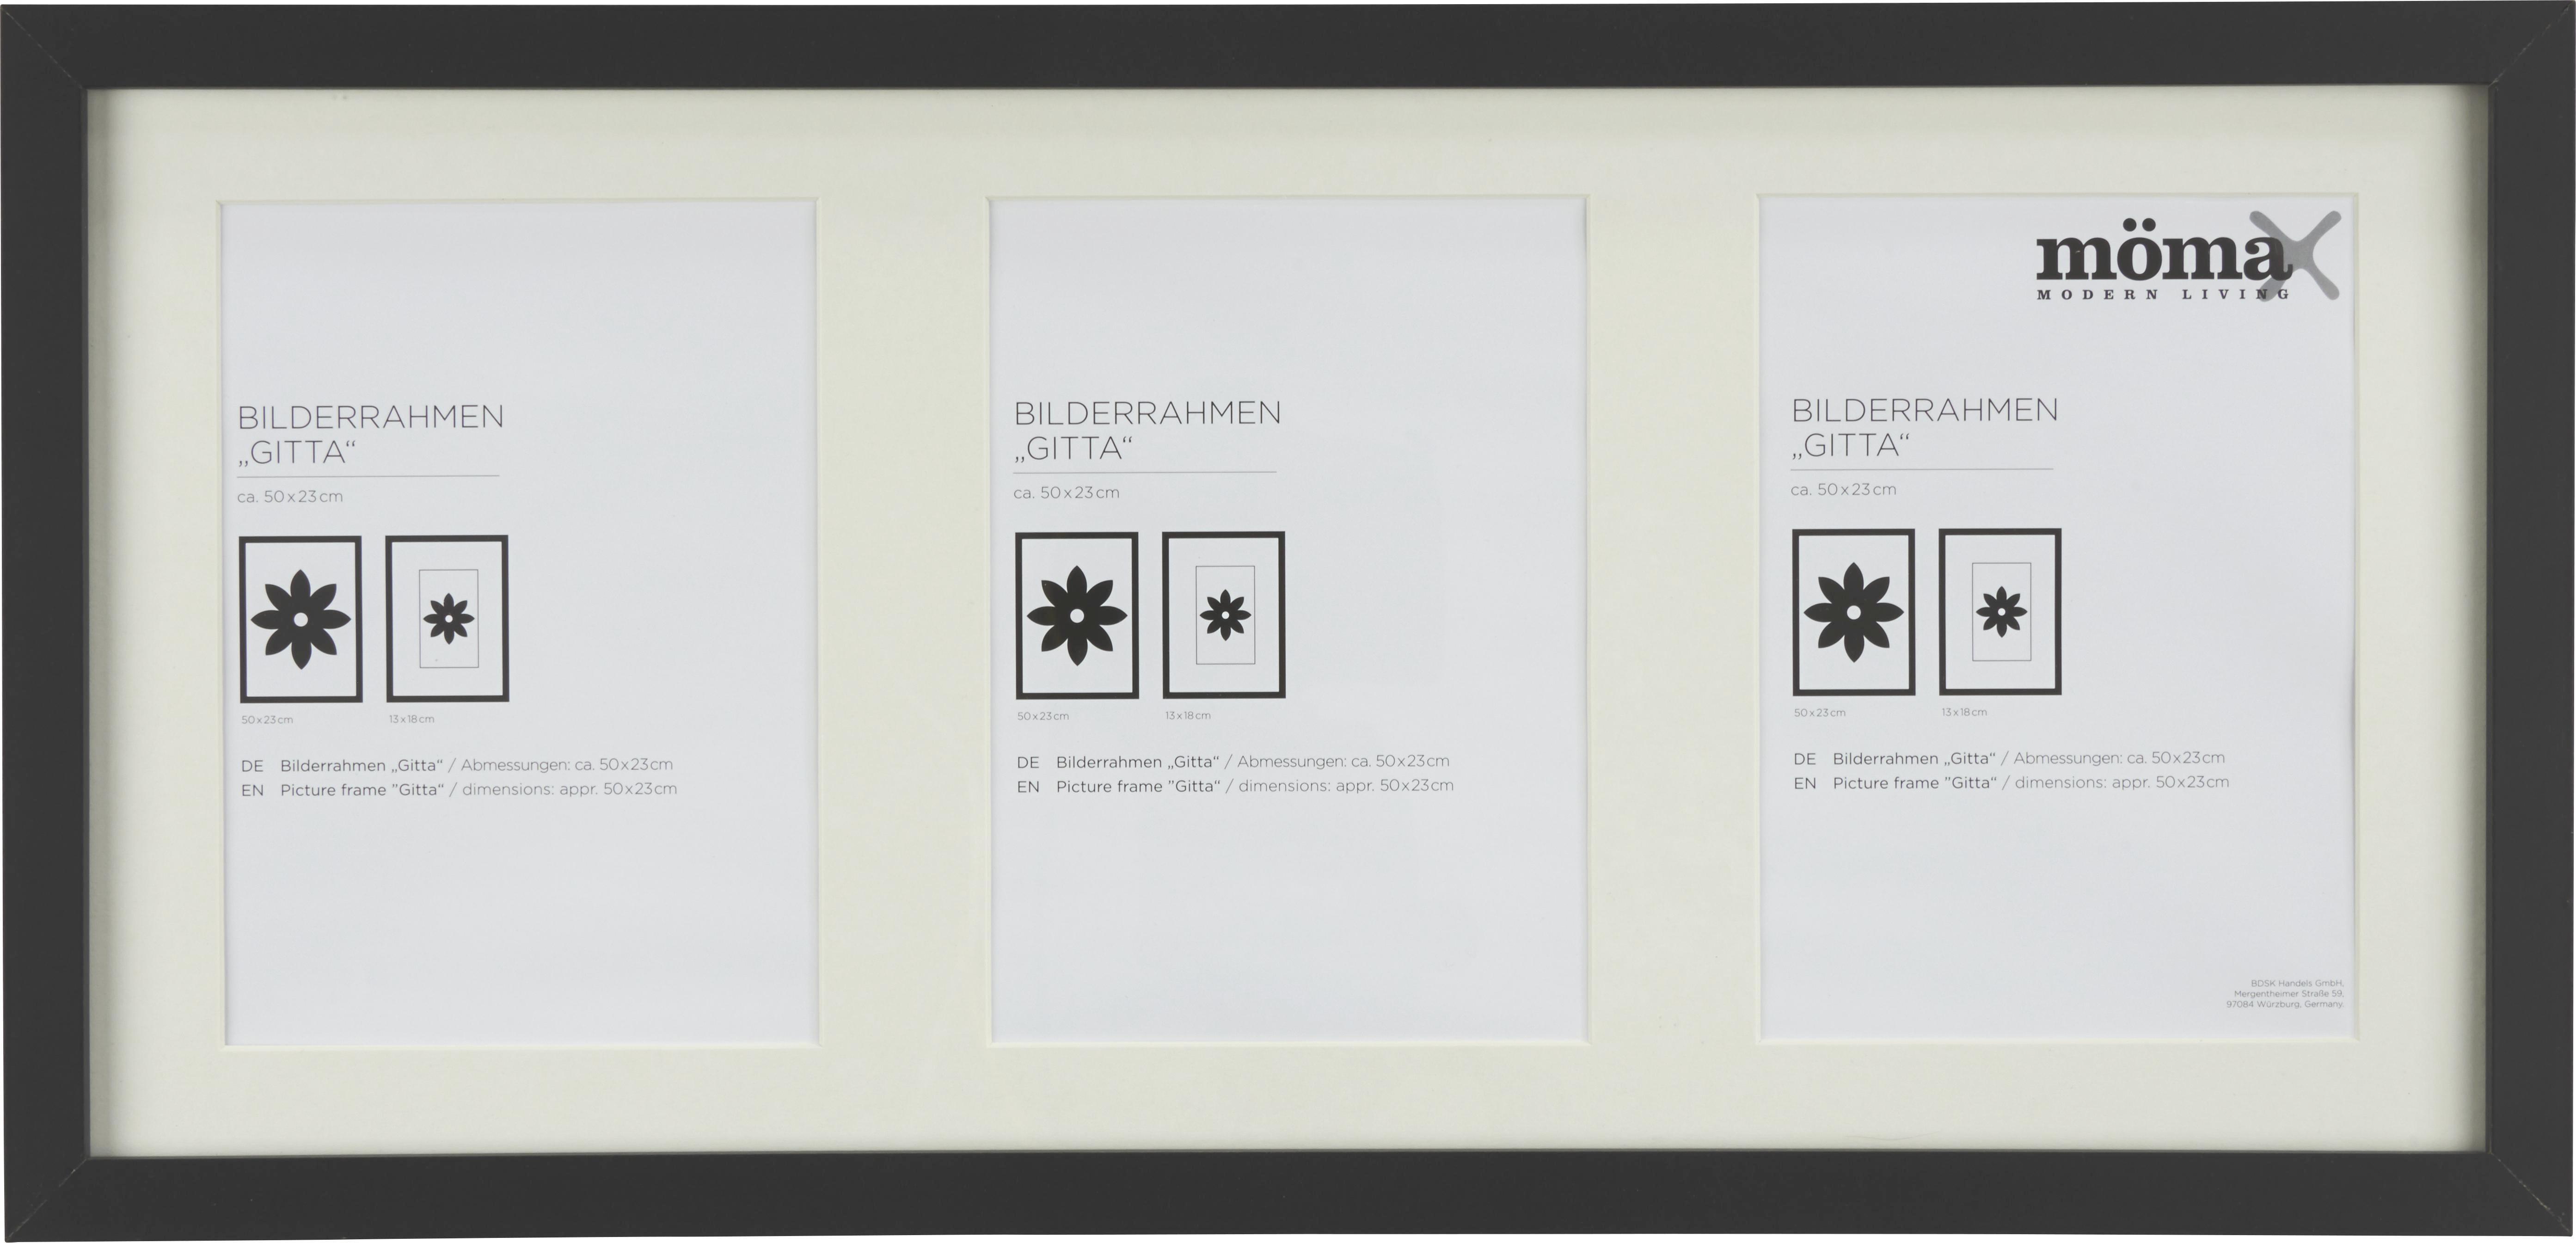 Charmant Bilderrahmenabmessungen Bilder - Bilderrahmen Ideen ...